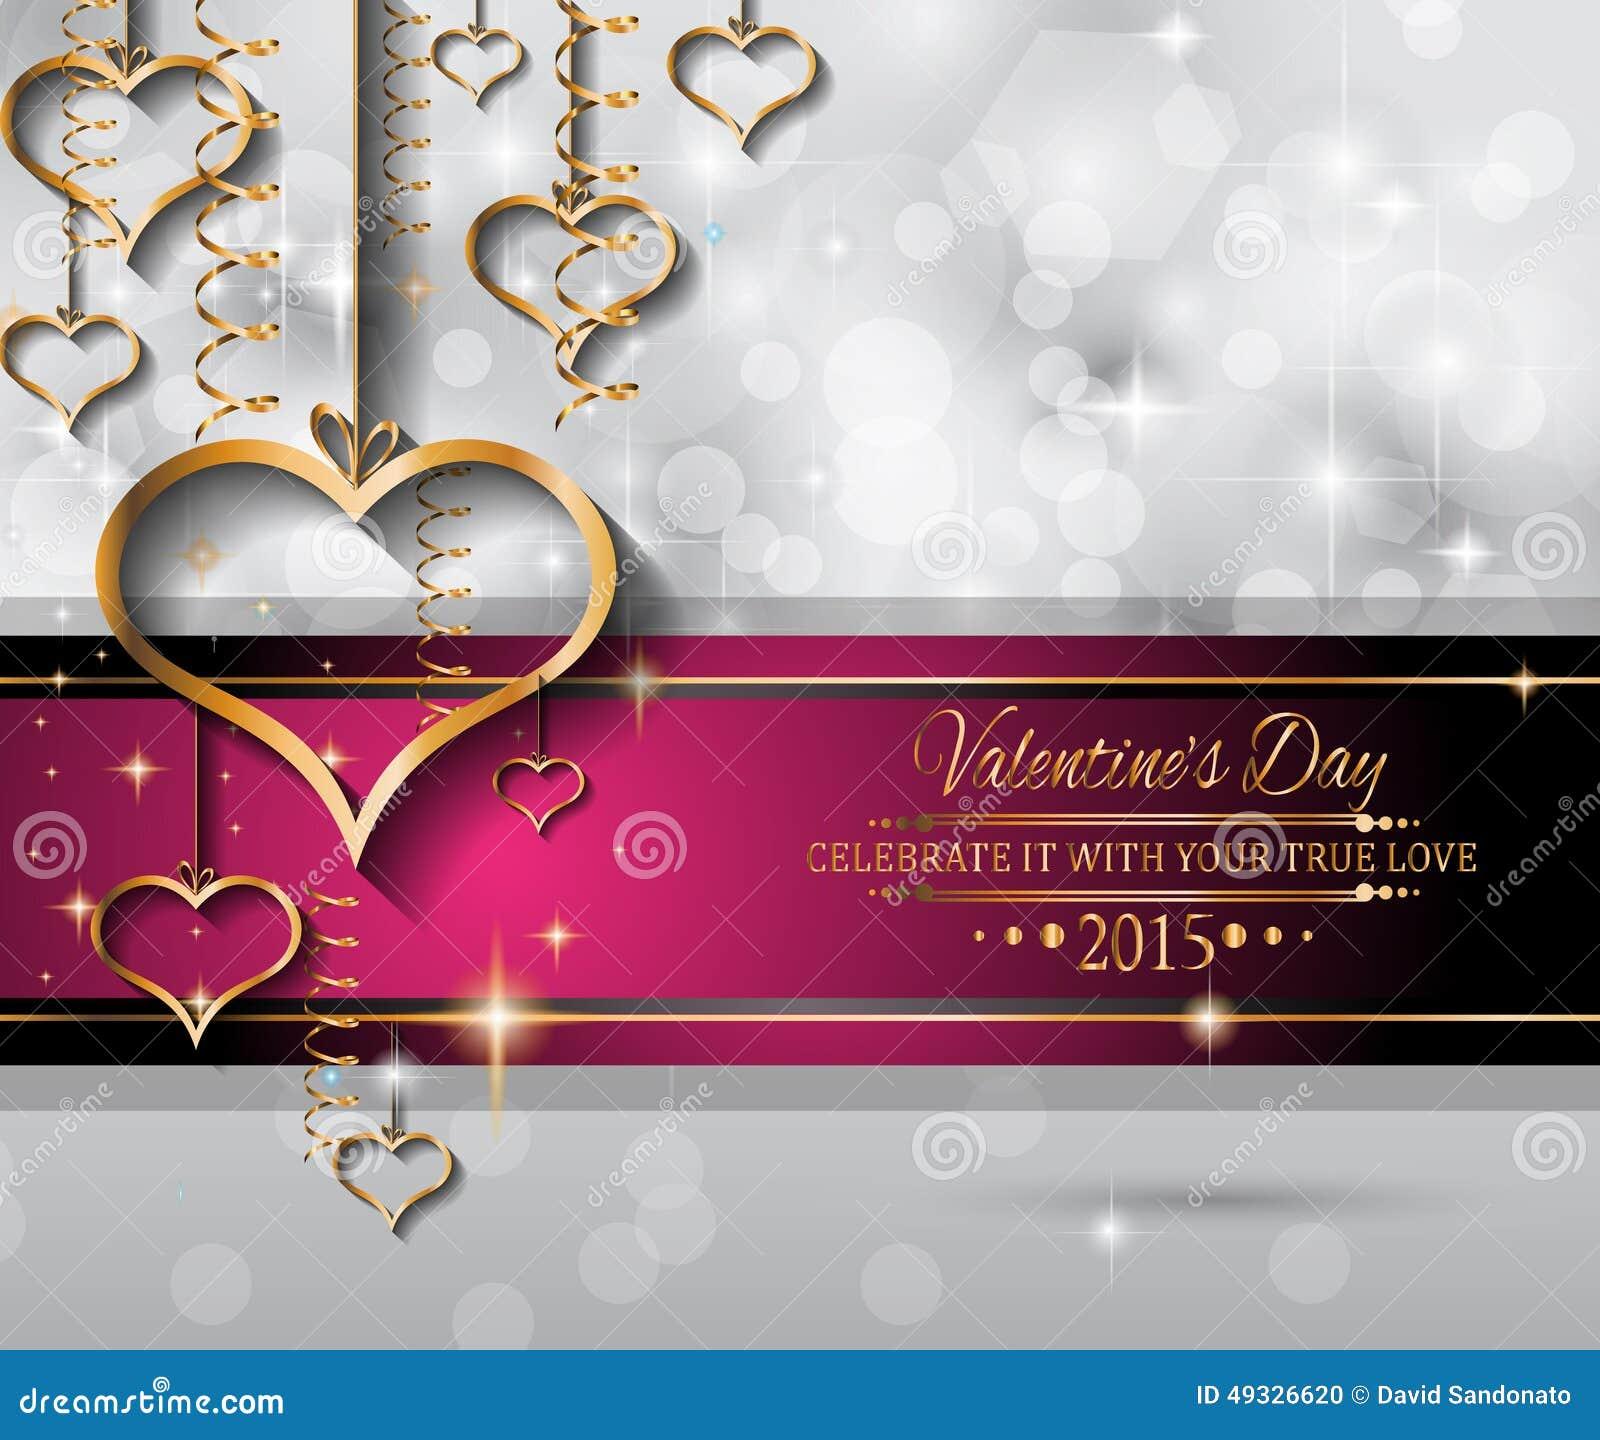 Fondo Del Día De Tarjetas Del Día De San Valentín Para Las